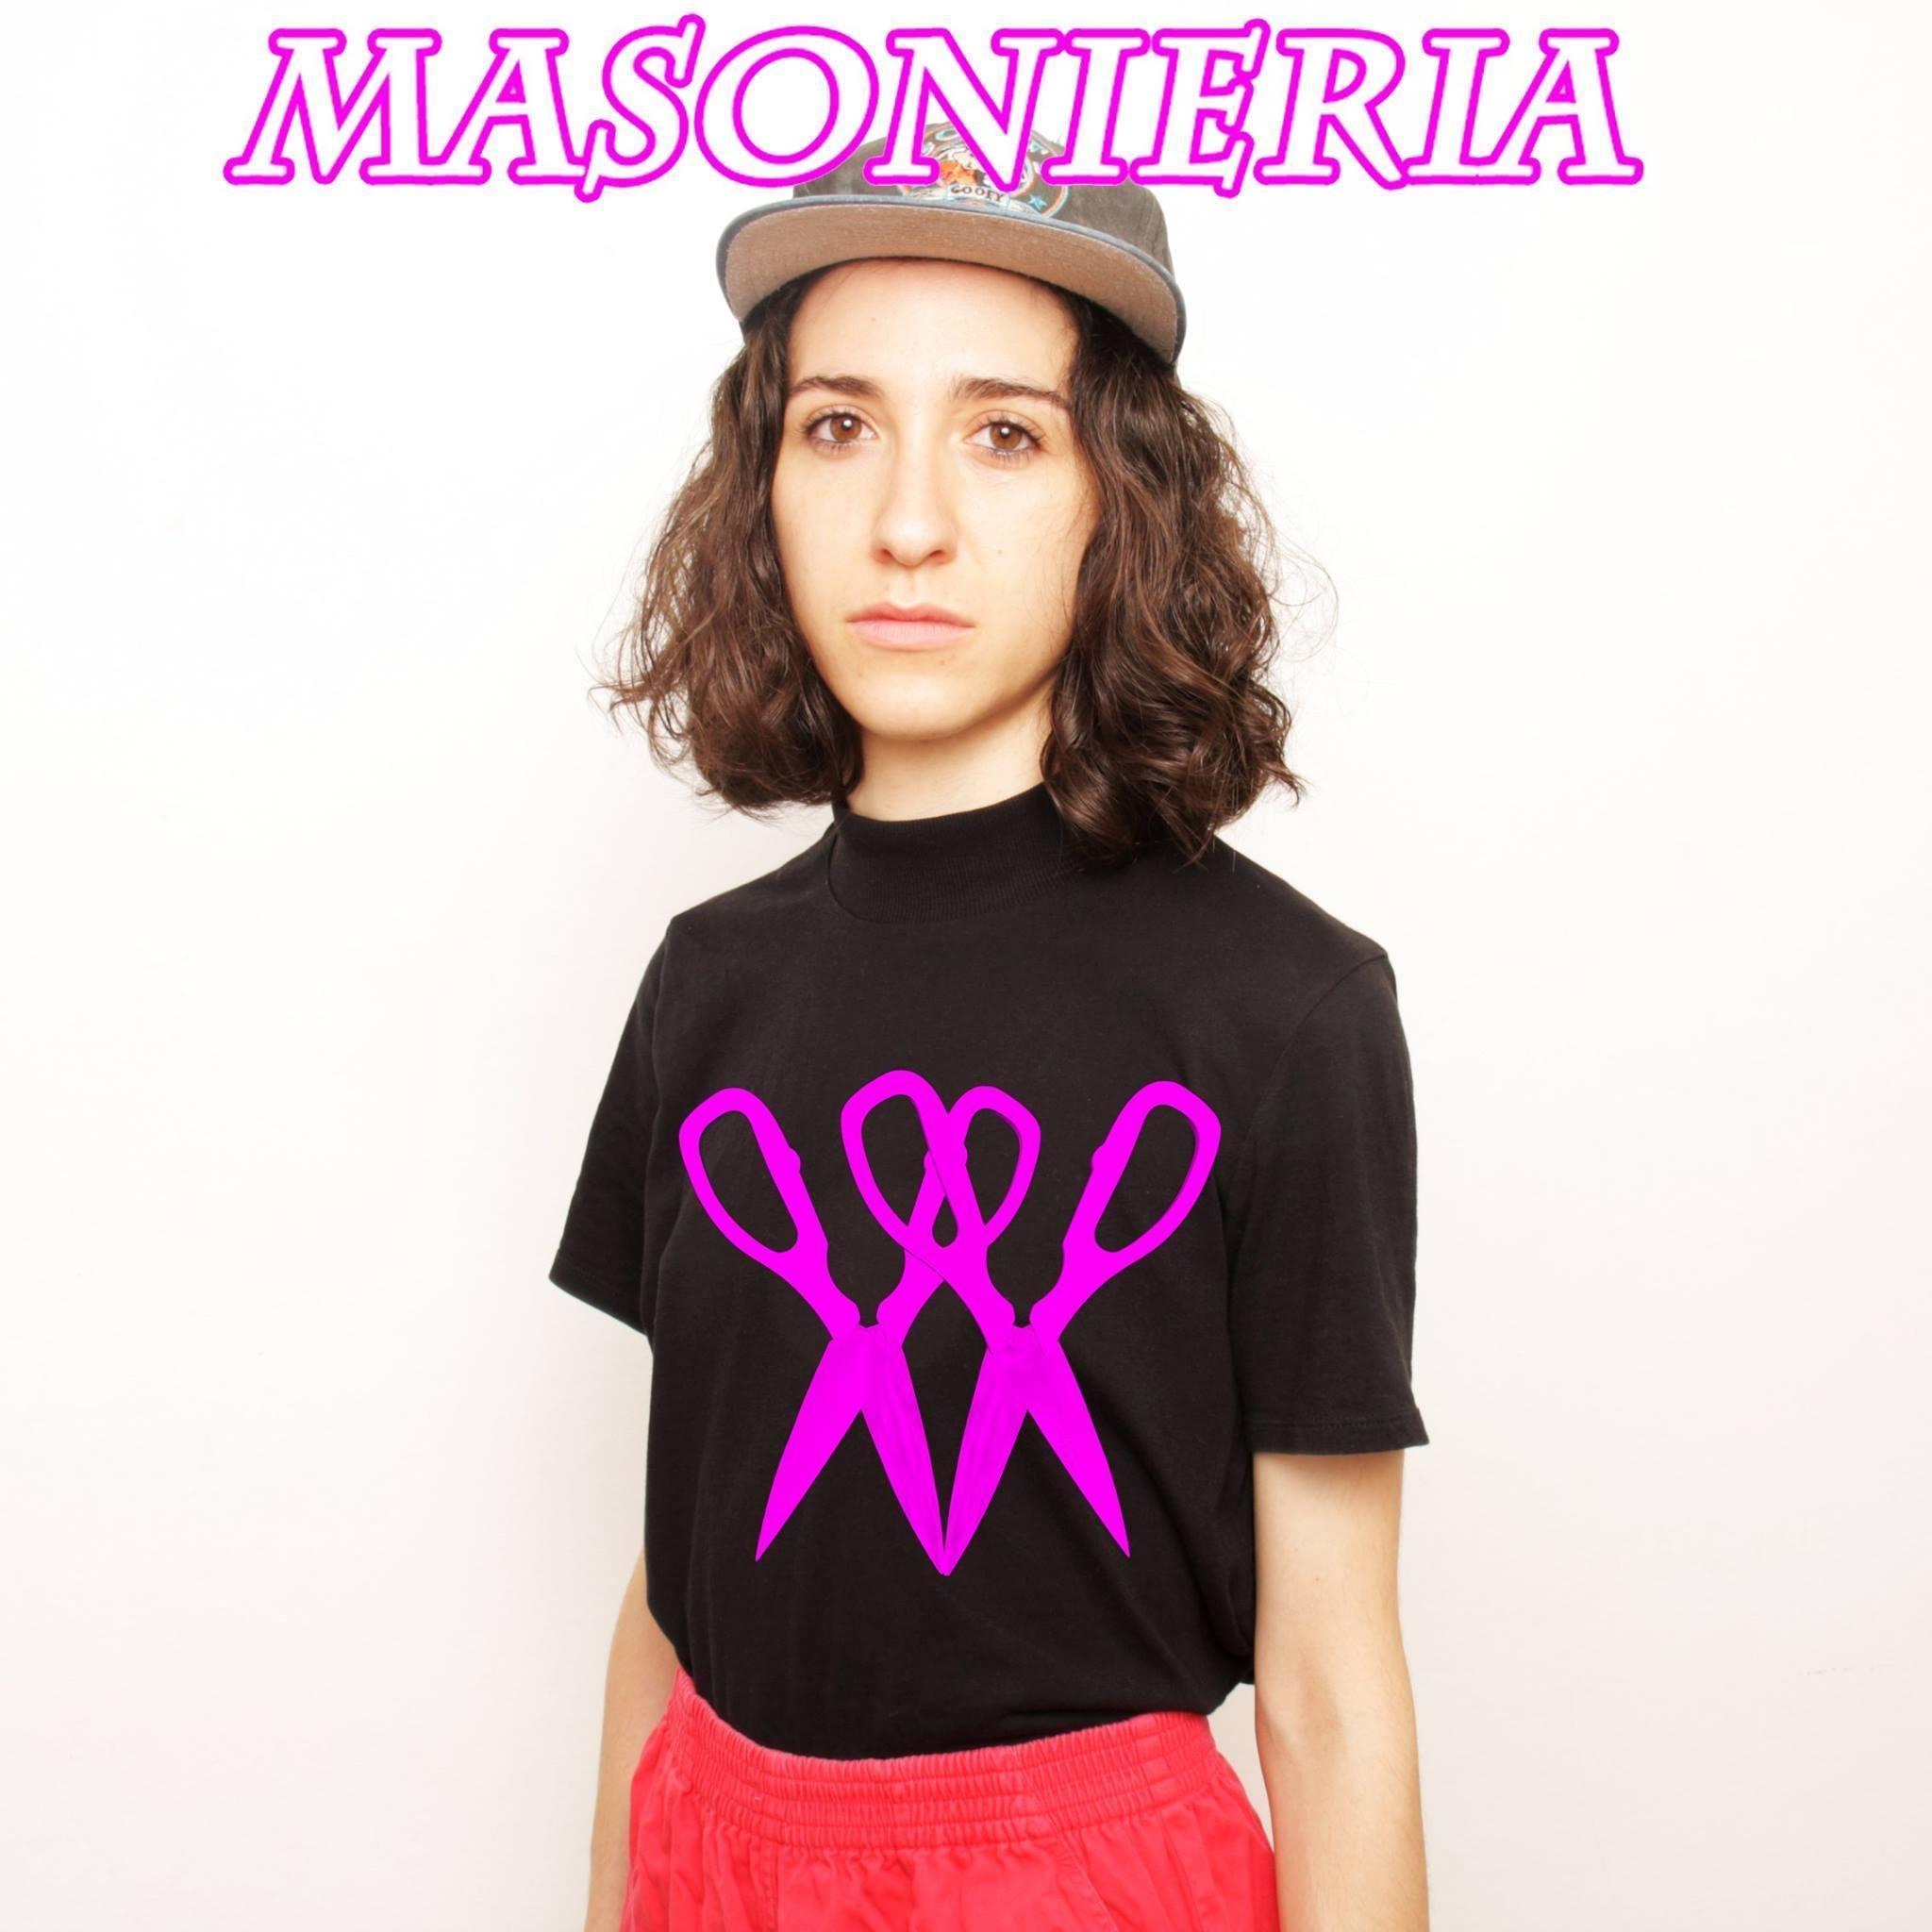 Masonieria es el proyecto en solitario de Sonia Montoya (Papá Topo)